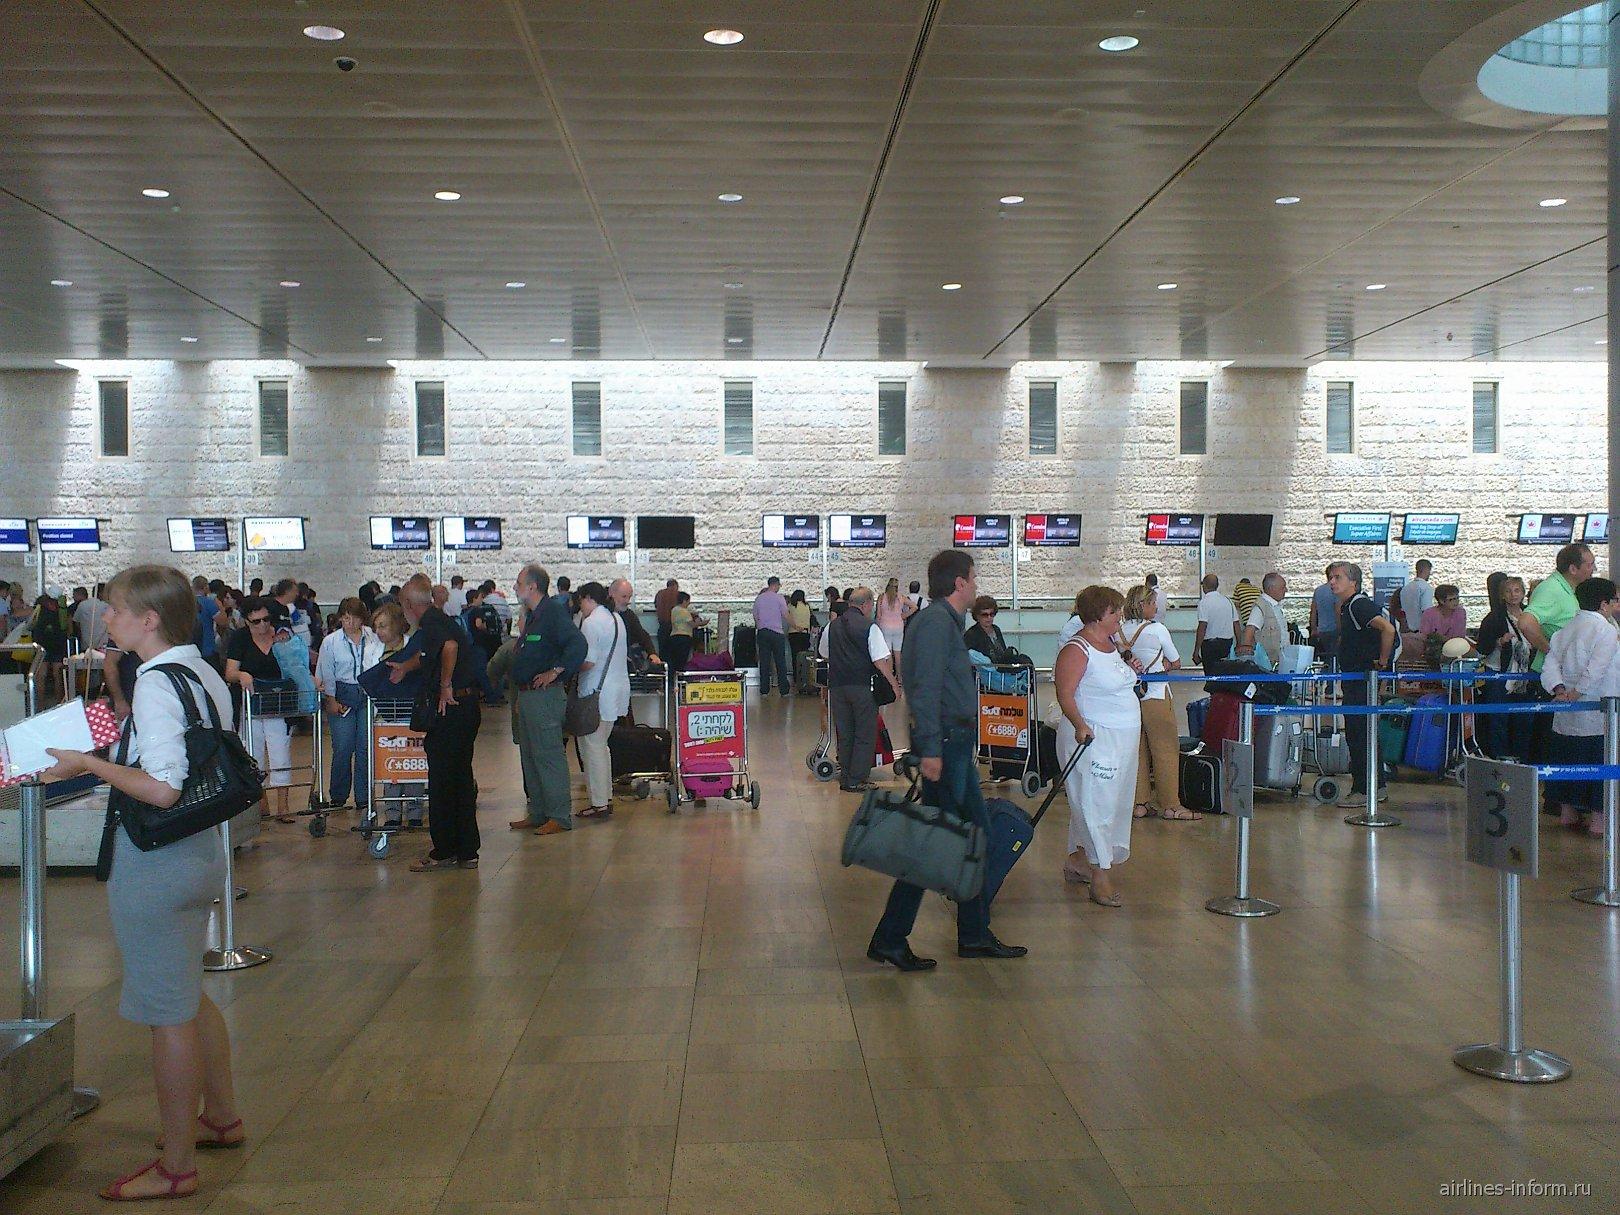 Стойки регистрации в аэропорту Бен-Гурион в Тель-Авиве